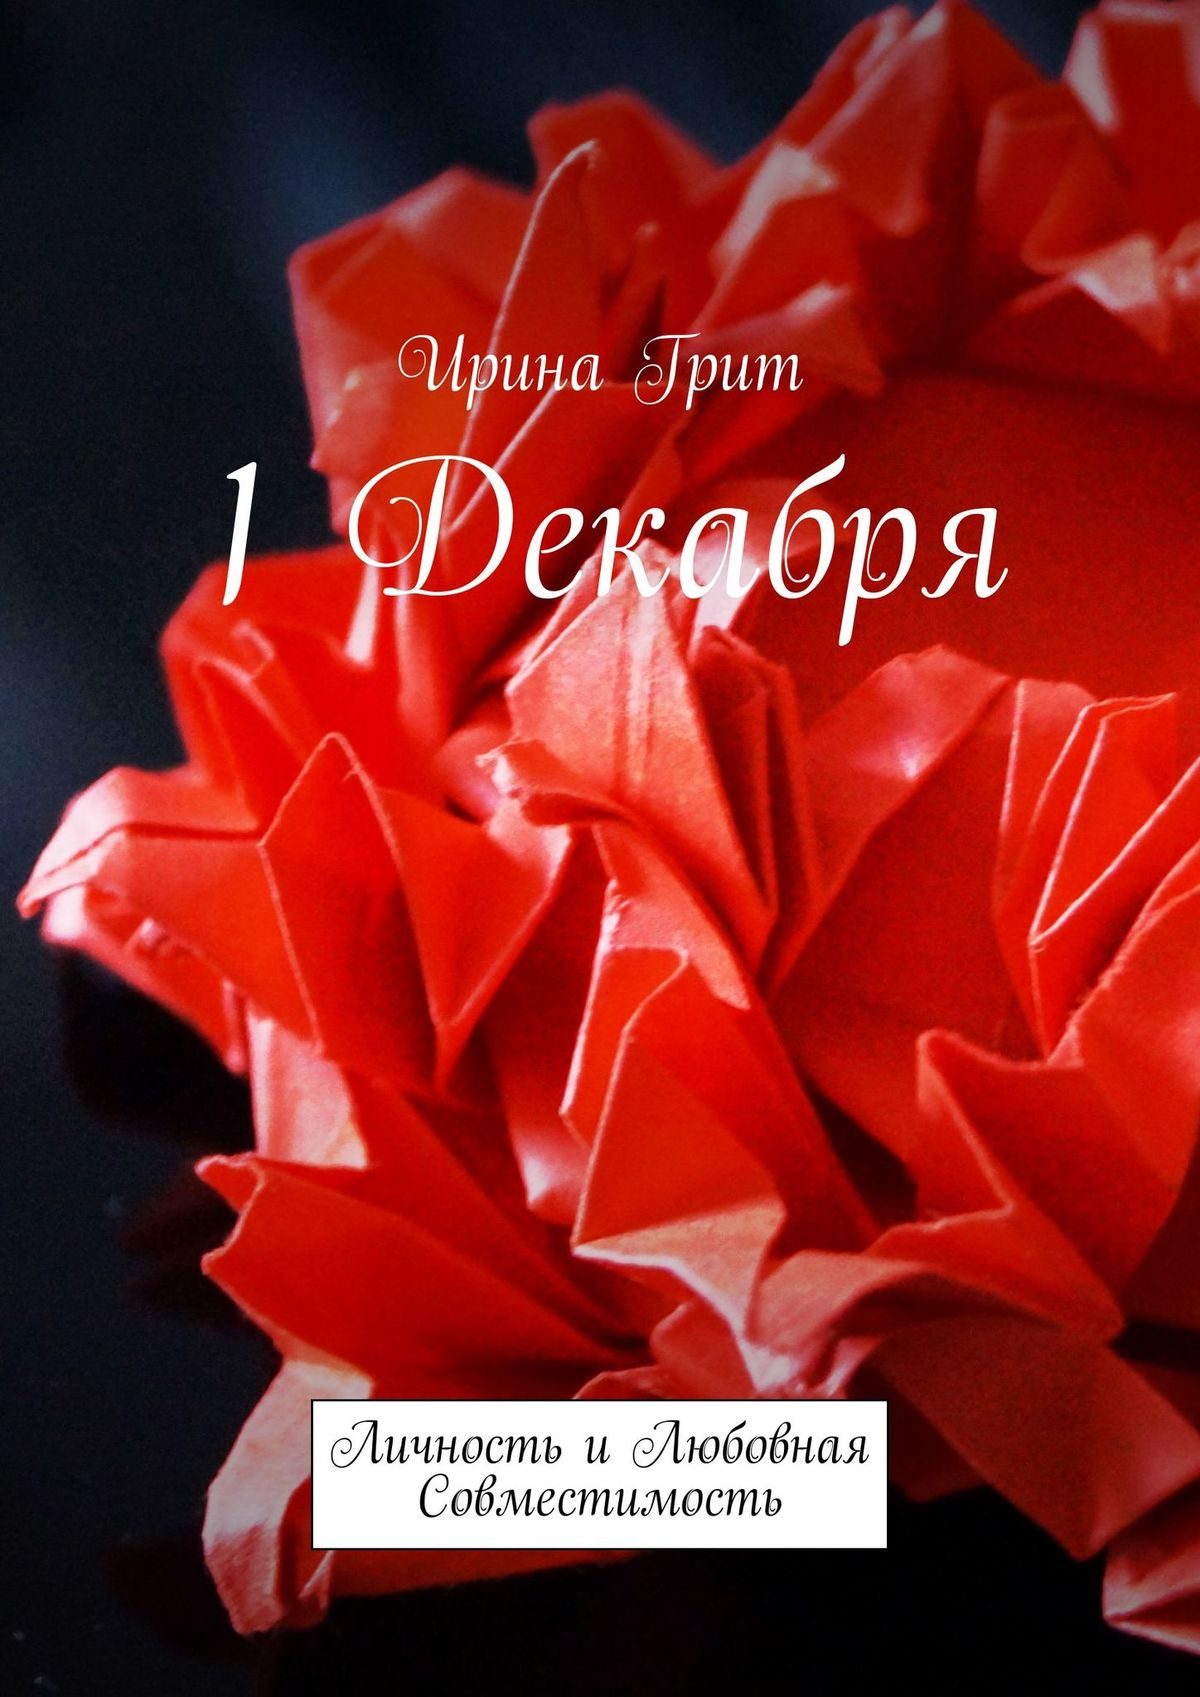 Ирина Грит 1 декабря. Личность илюбовная совместимость ирина грит 3 декабря личность илюбовная совместимость